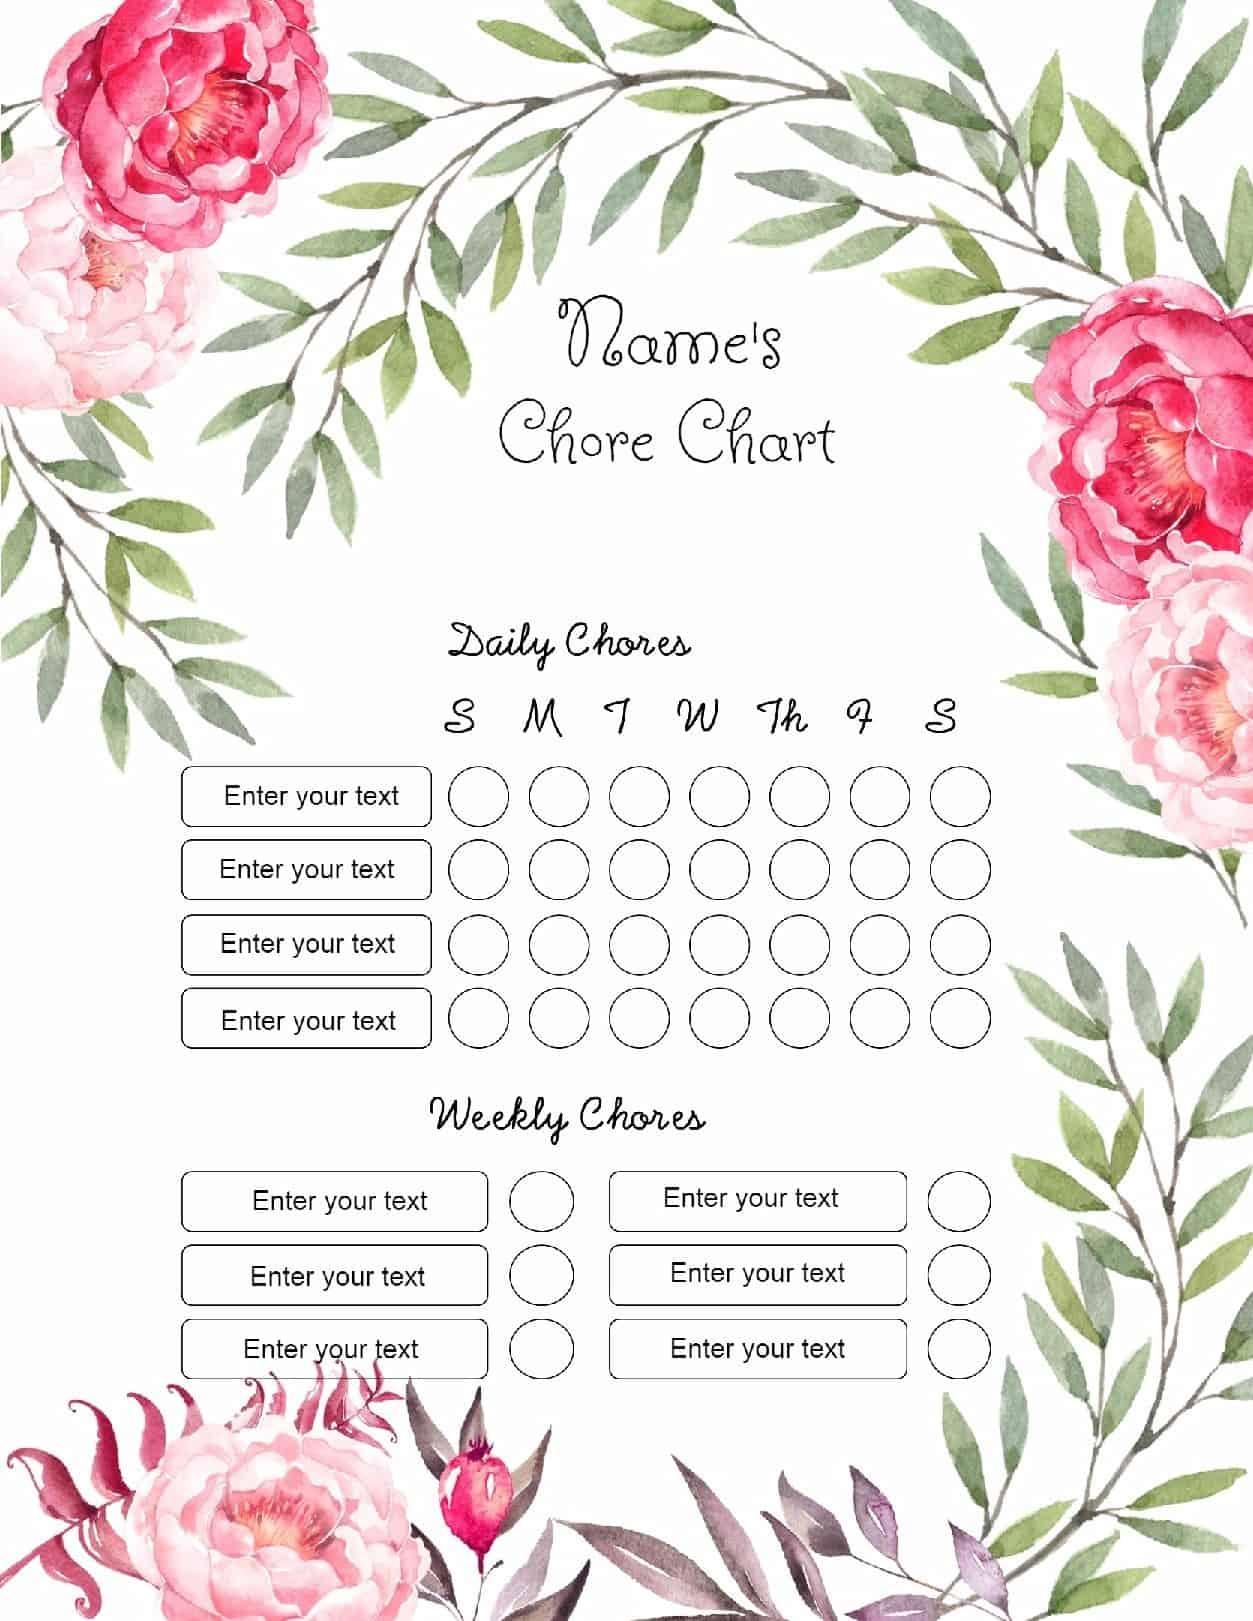 free chore chart